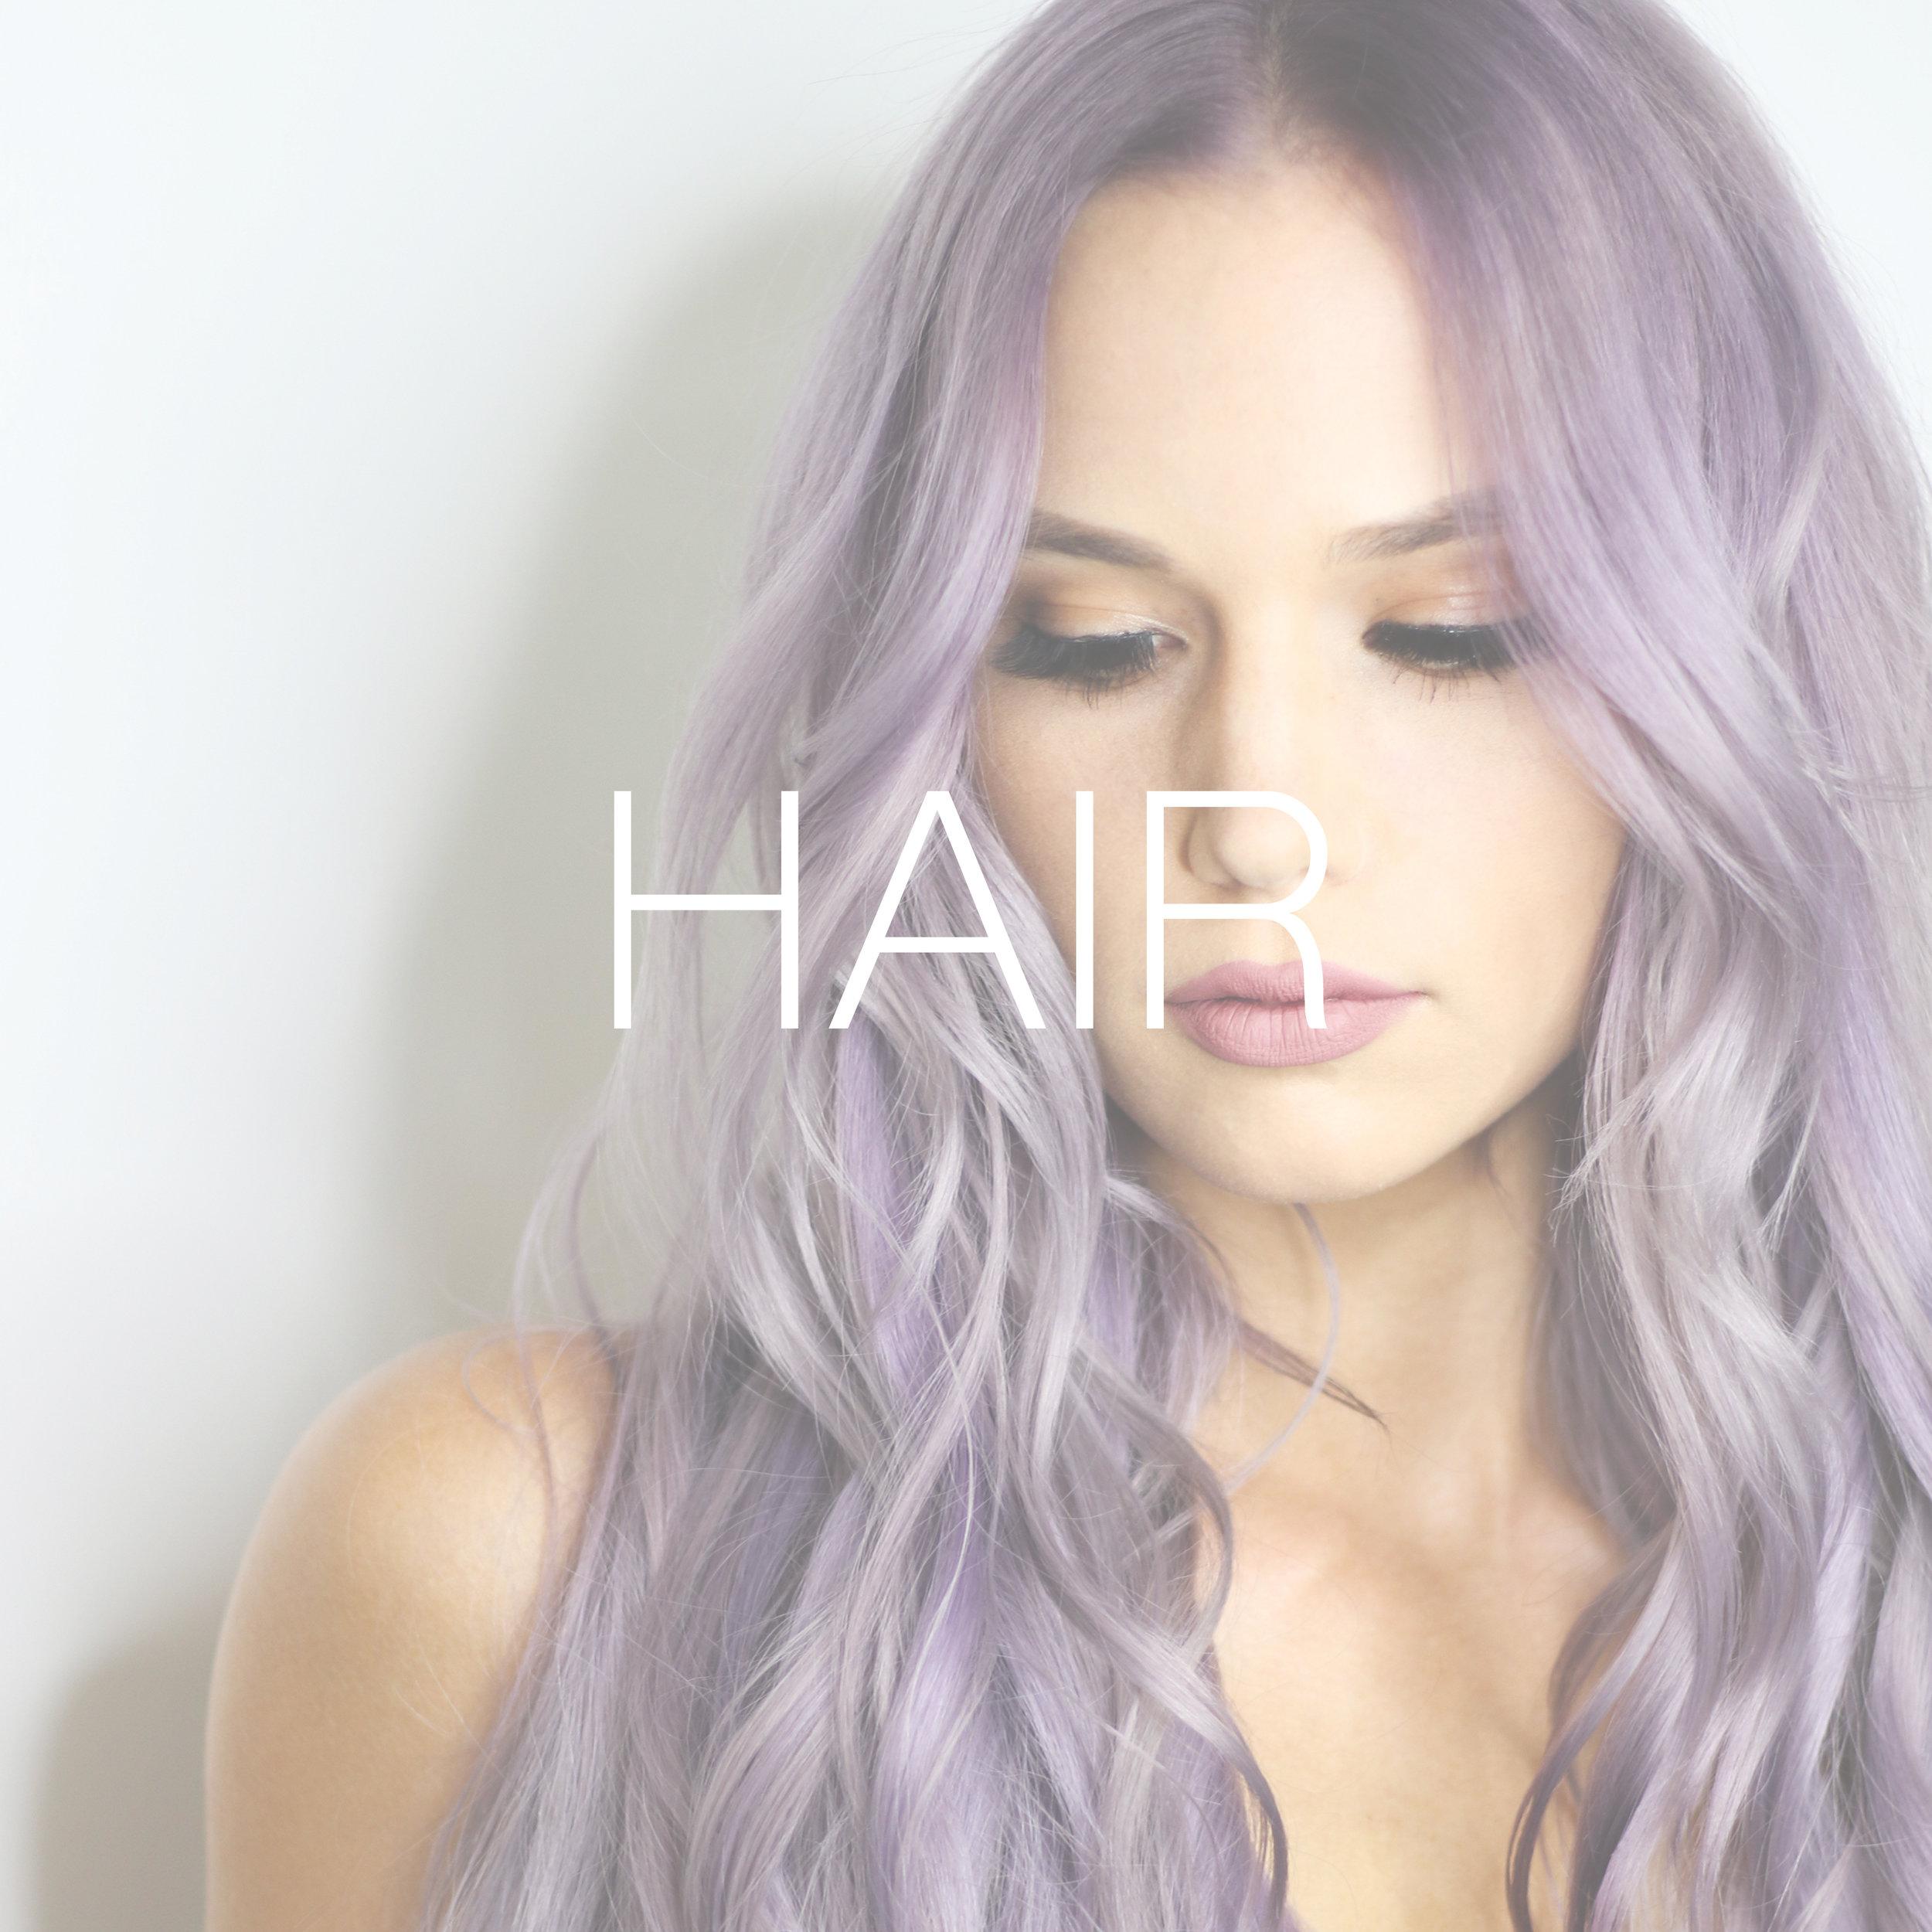 SPAAH Hair Services